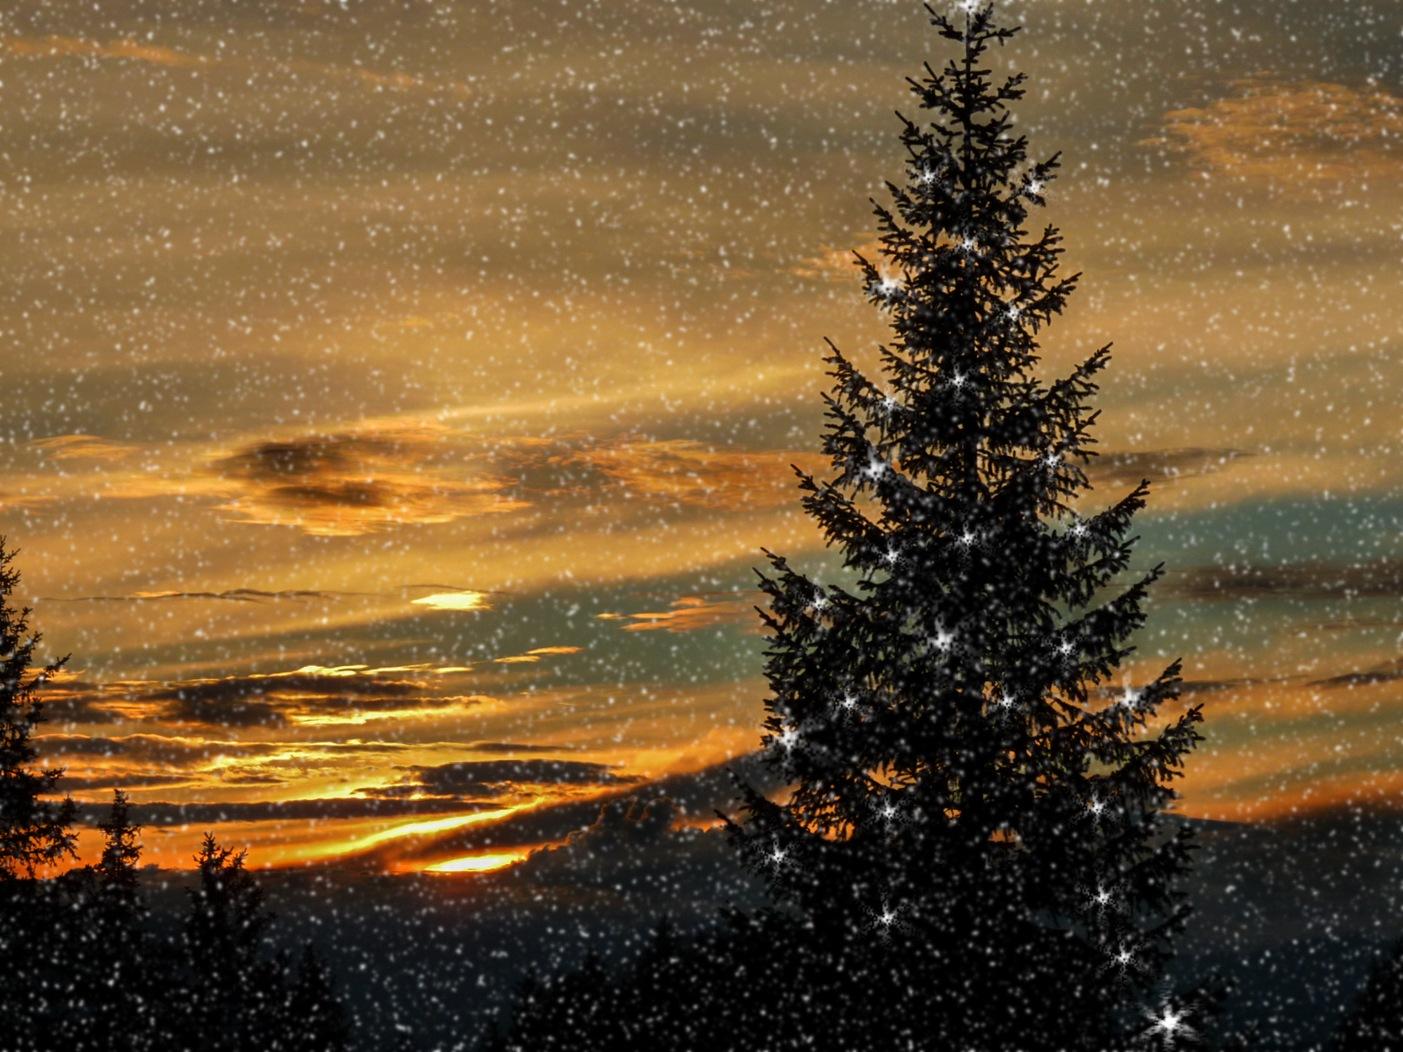 Weihnachtszeit in Tirol mit leichtem Schneefall by Bernd Titelius